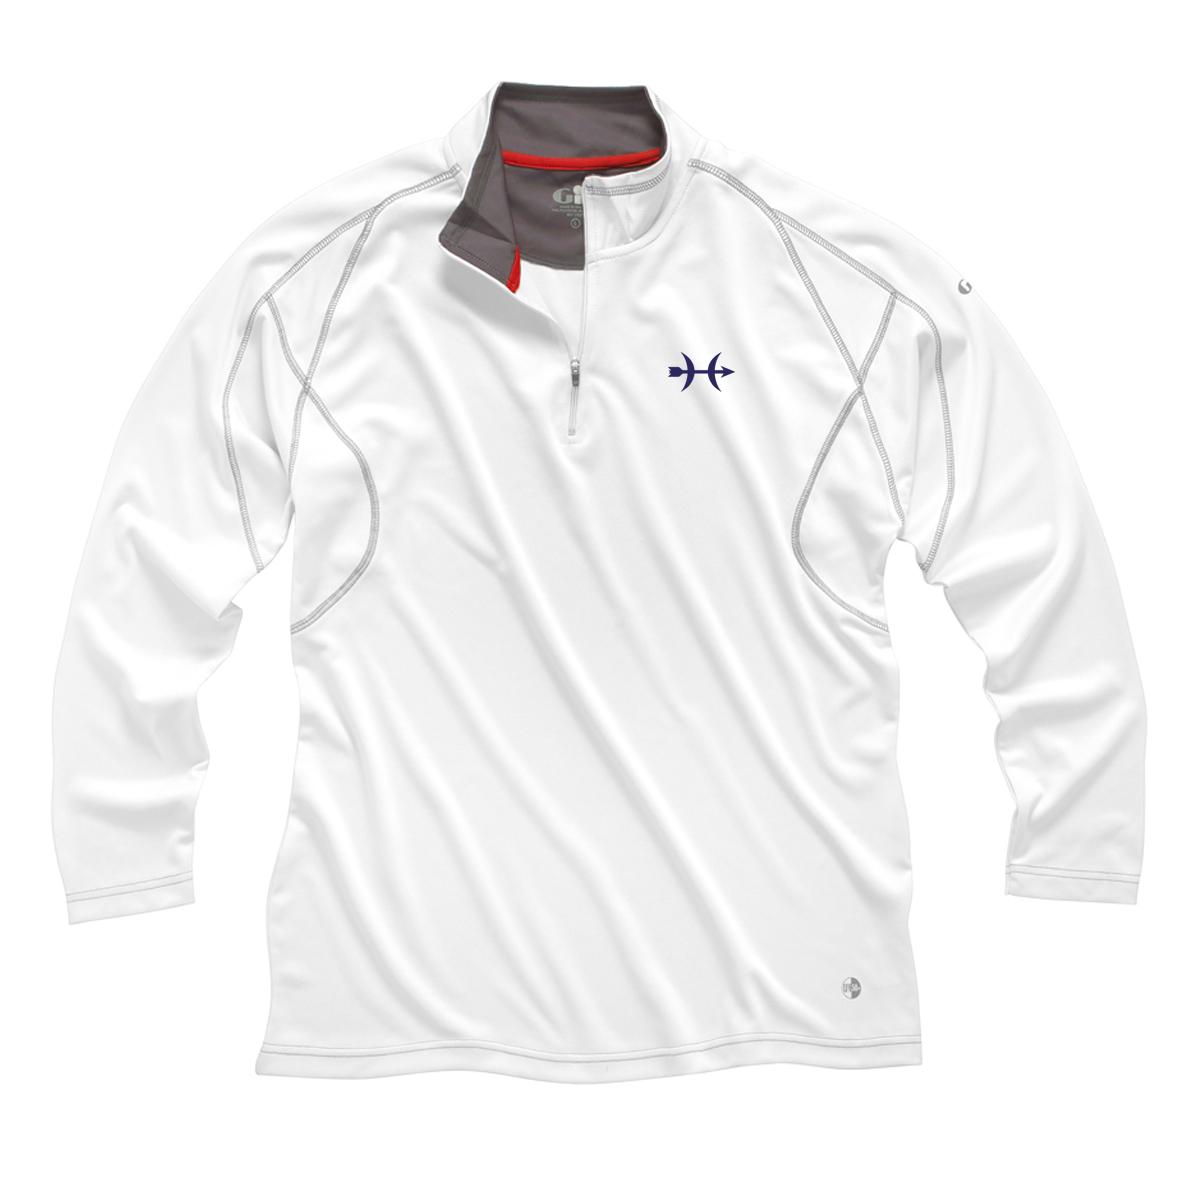 Hunt Yachts- M's Gill 1/4 Zip UV Tech Shirt